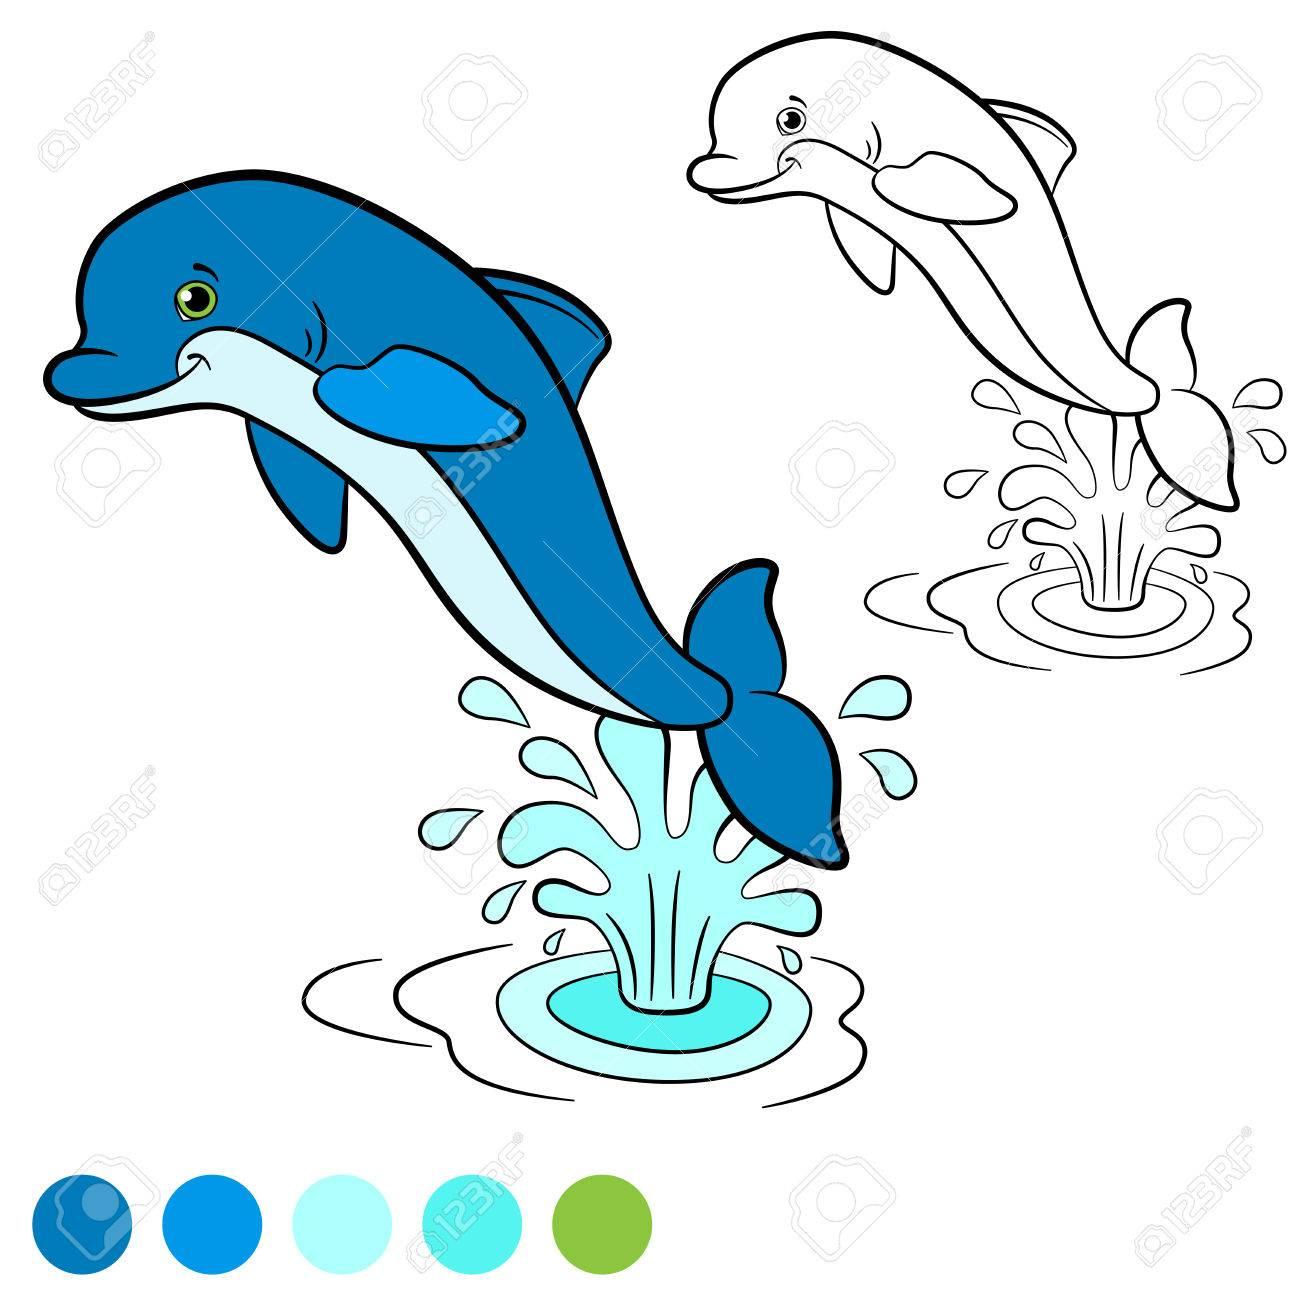 Dibujo Para Colorear Color Me Delfín El Pequeño Delfín Lindo Salta Fuera Del Agua Con El Chapoteo él Es Feliz